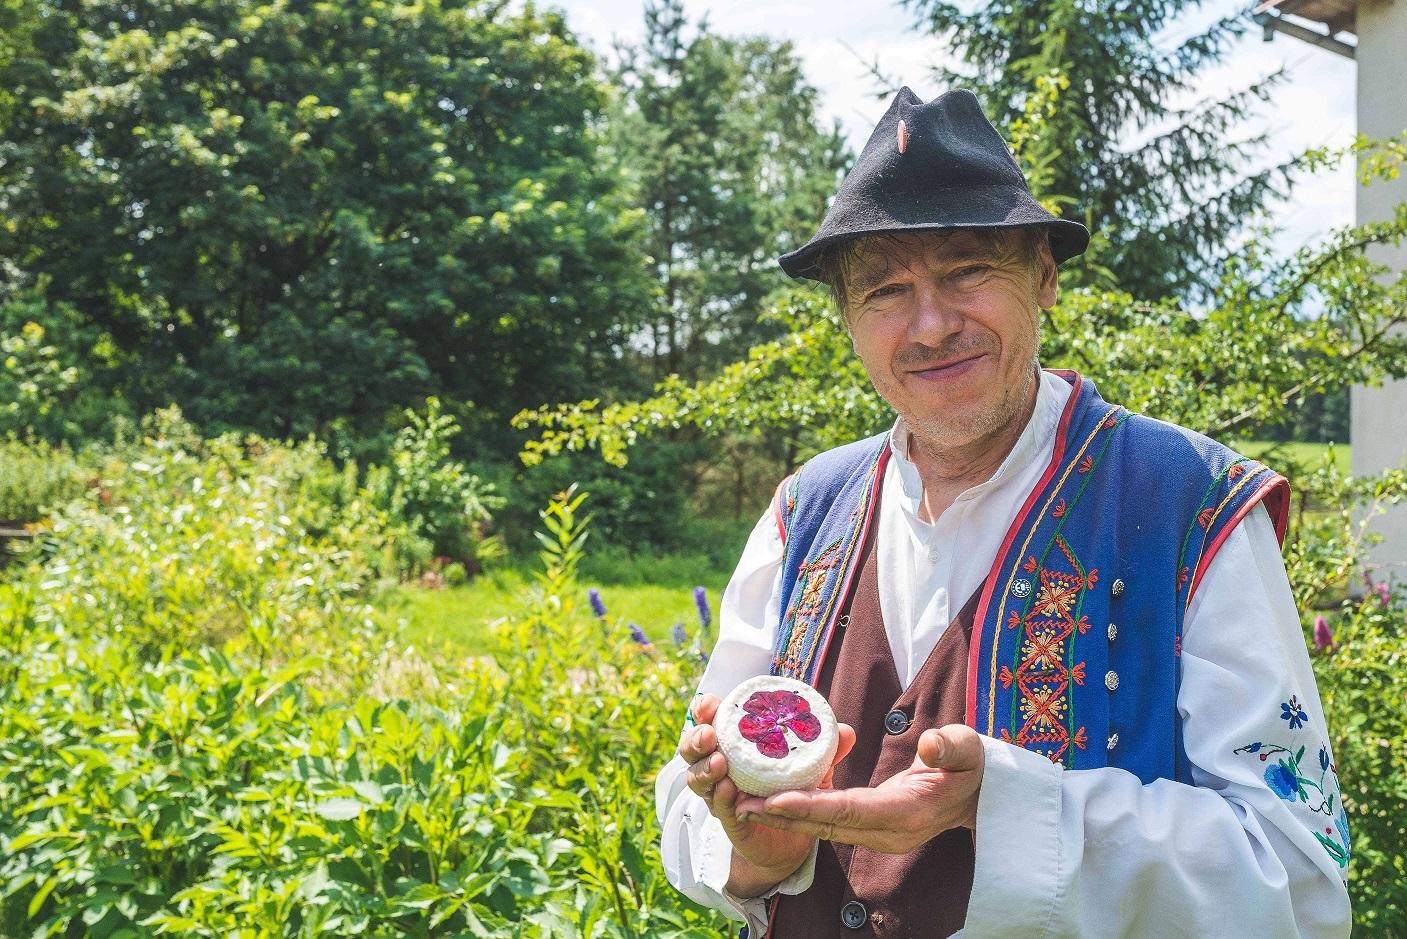 Kaszubska koza 1 - Pomorskie. A region teeming with traditional flavours